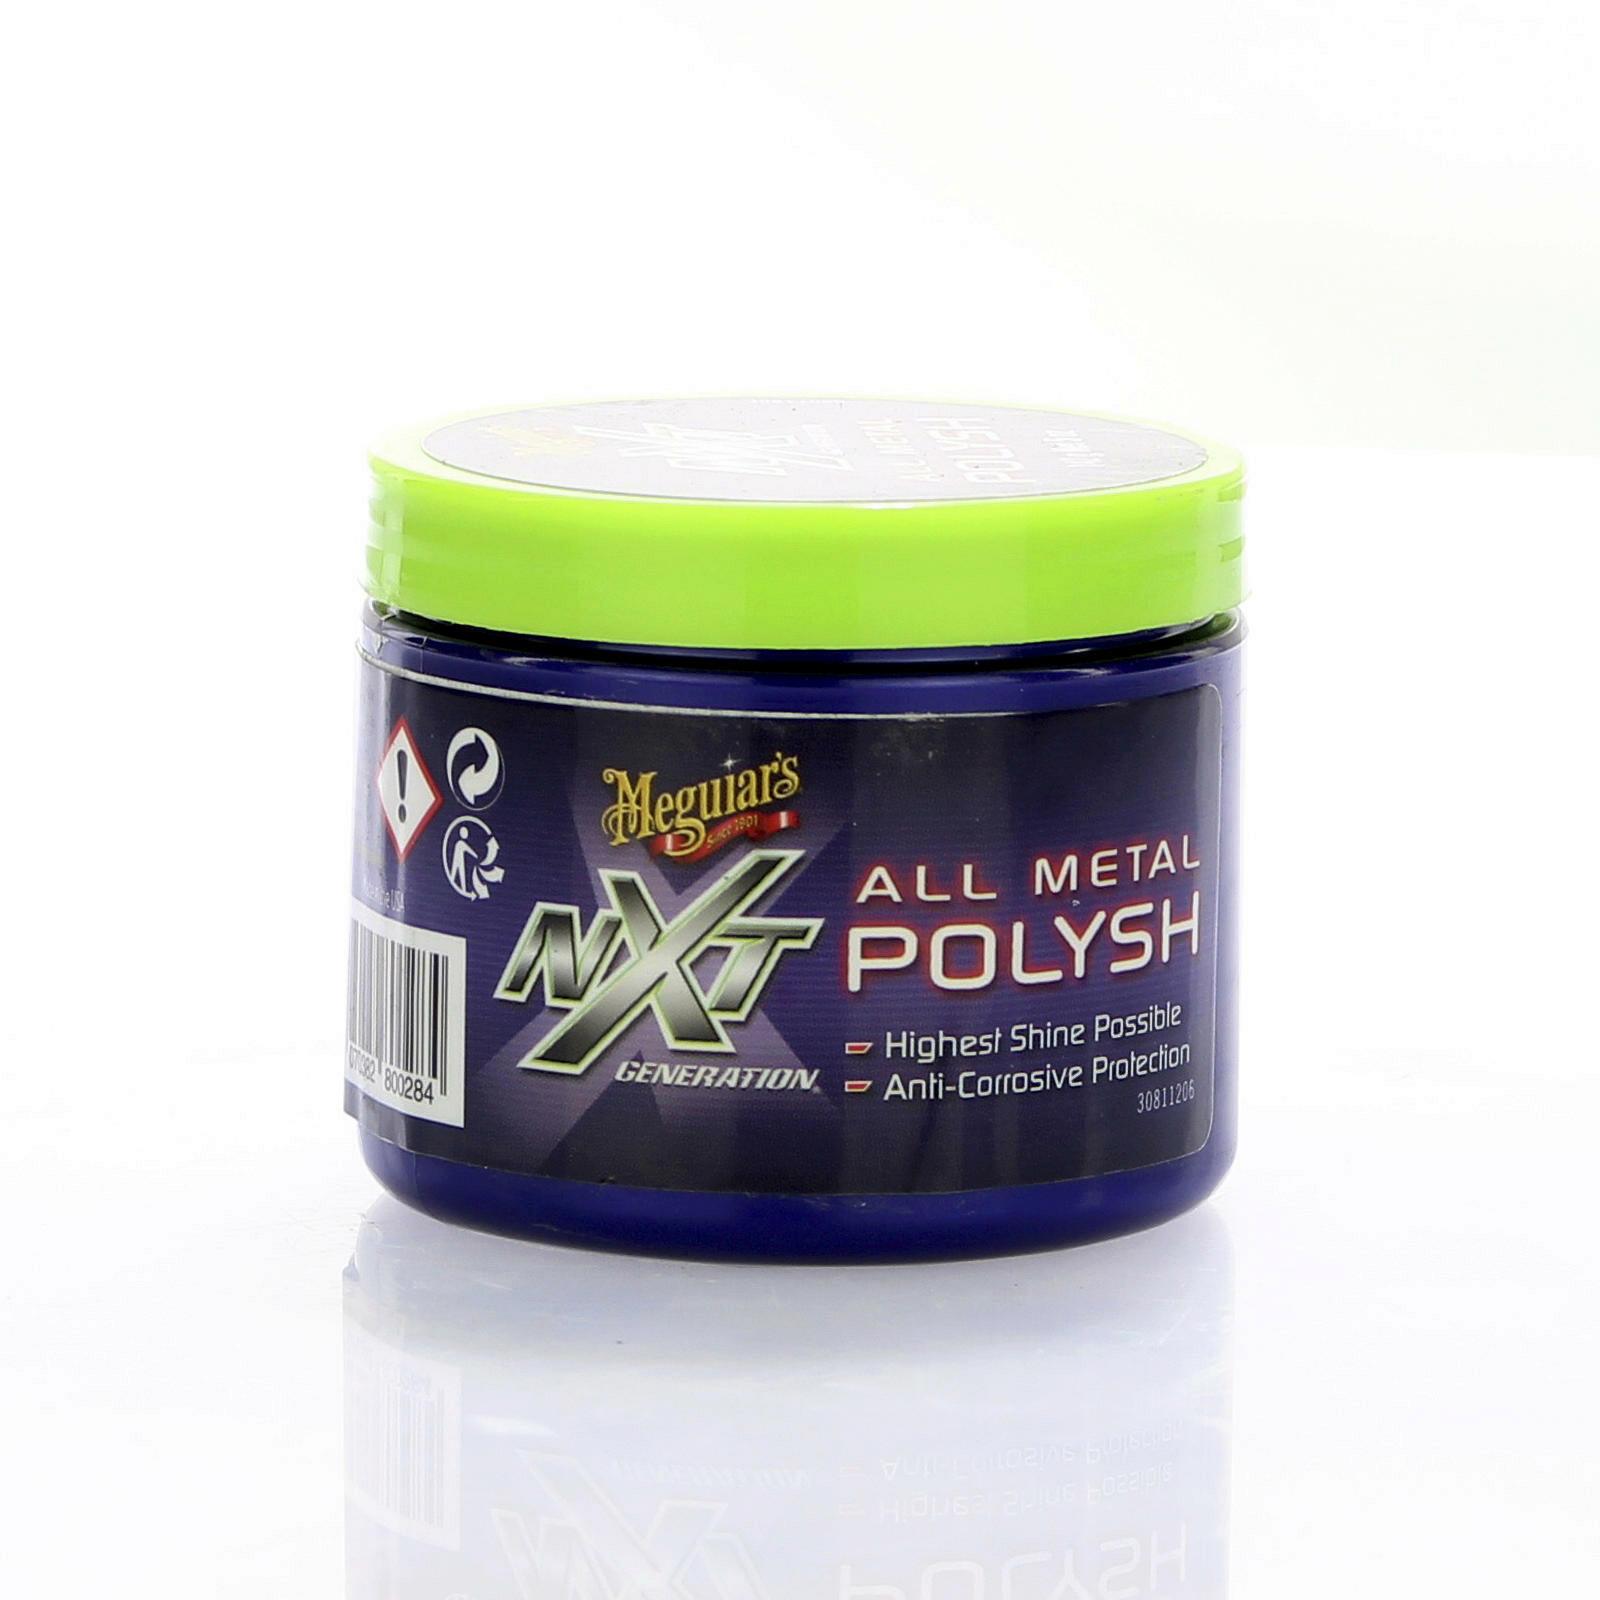 Meguiars NXT Metal Polysh 142g Politur